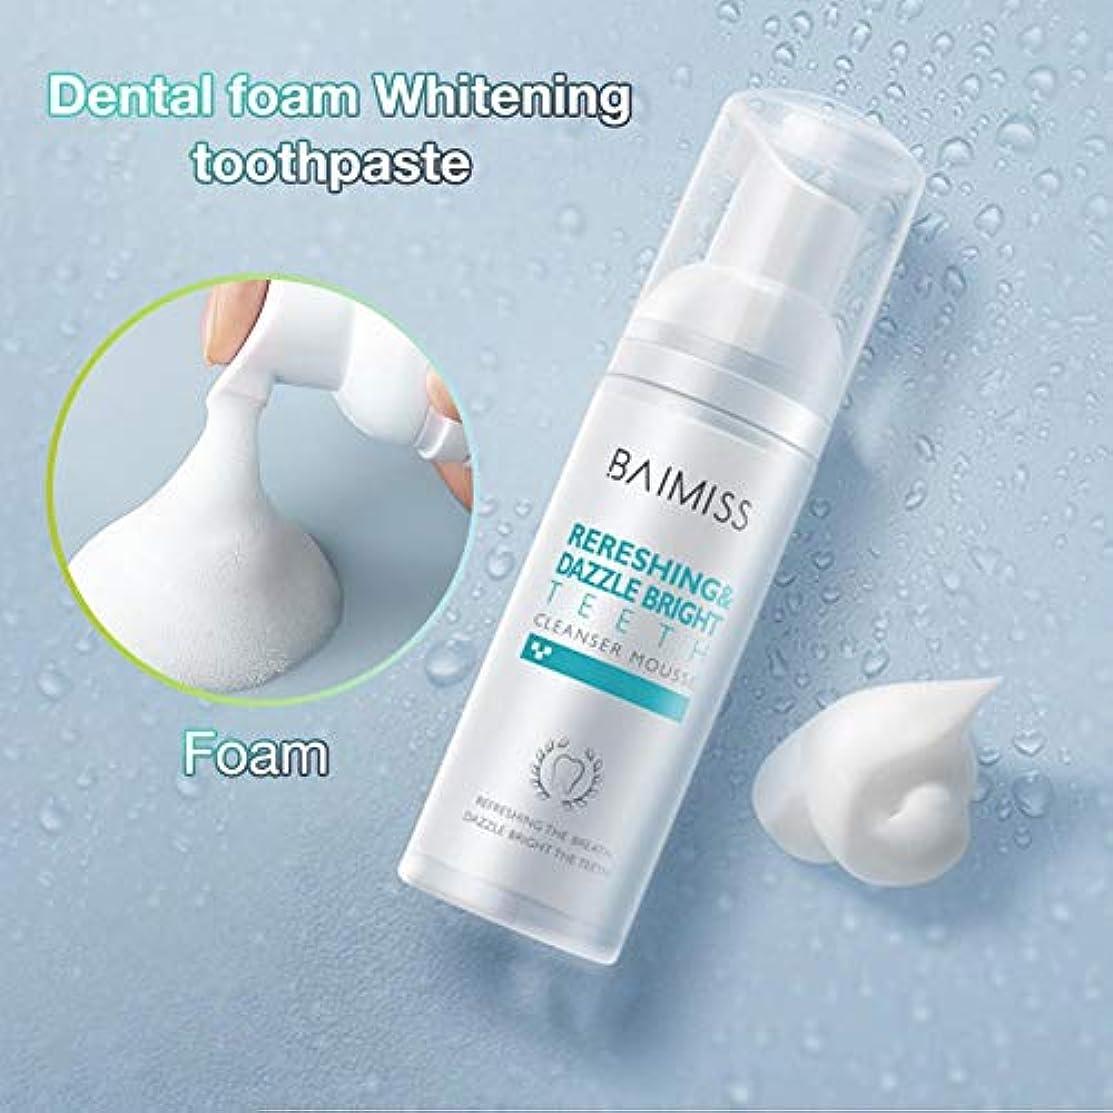 一変形皿歯科用フォーム液体歯磨 クリアクリーン デンタル ホワイトニング マウスウォッシュ 口内洗浄液 低刺激 60ml 口の自然な防御力を強化60ml